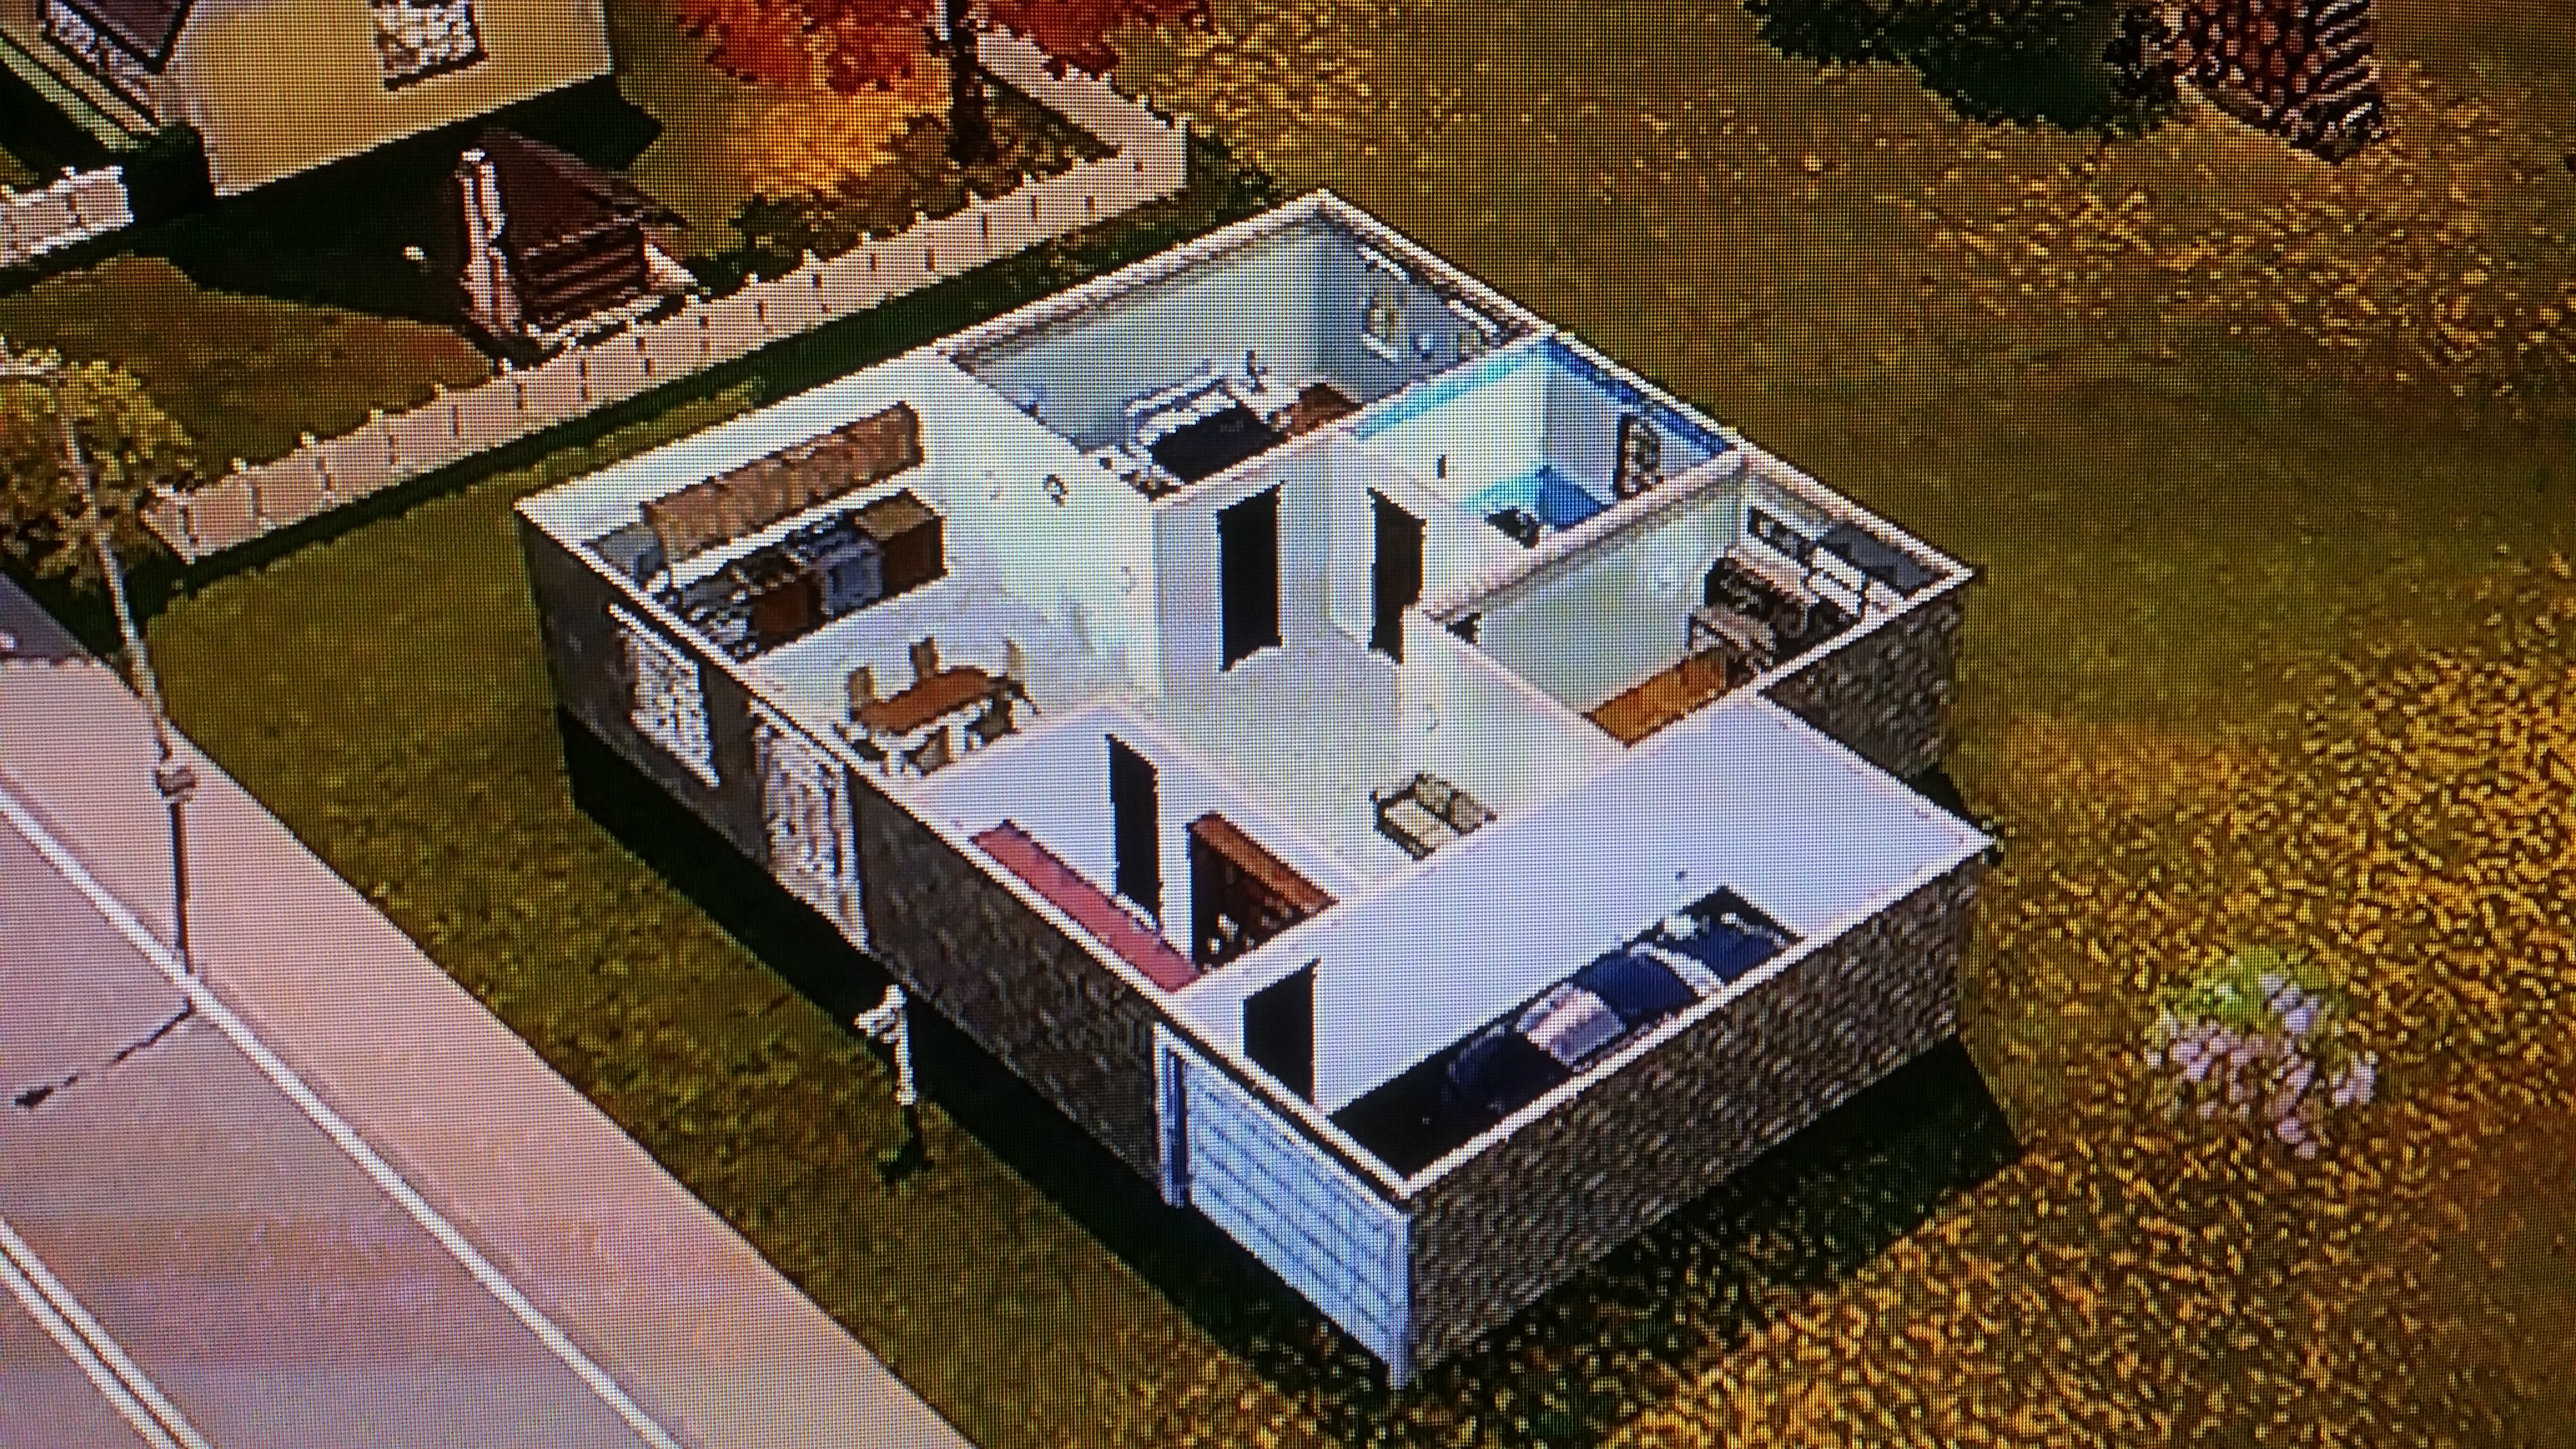 Costruire casa in 3d naviga online e fatti ispirare dalle for Costruire la mia casa online gratuitamente